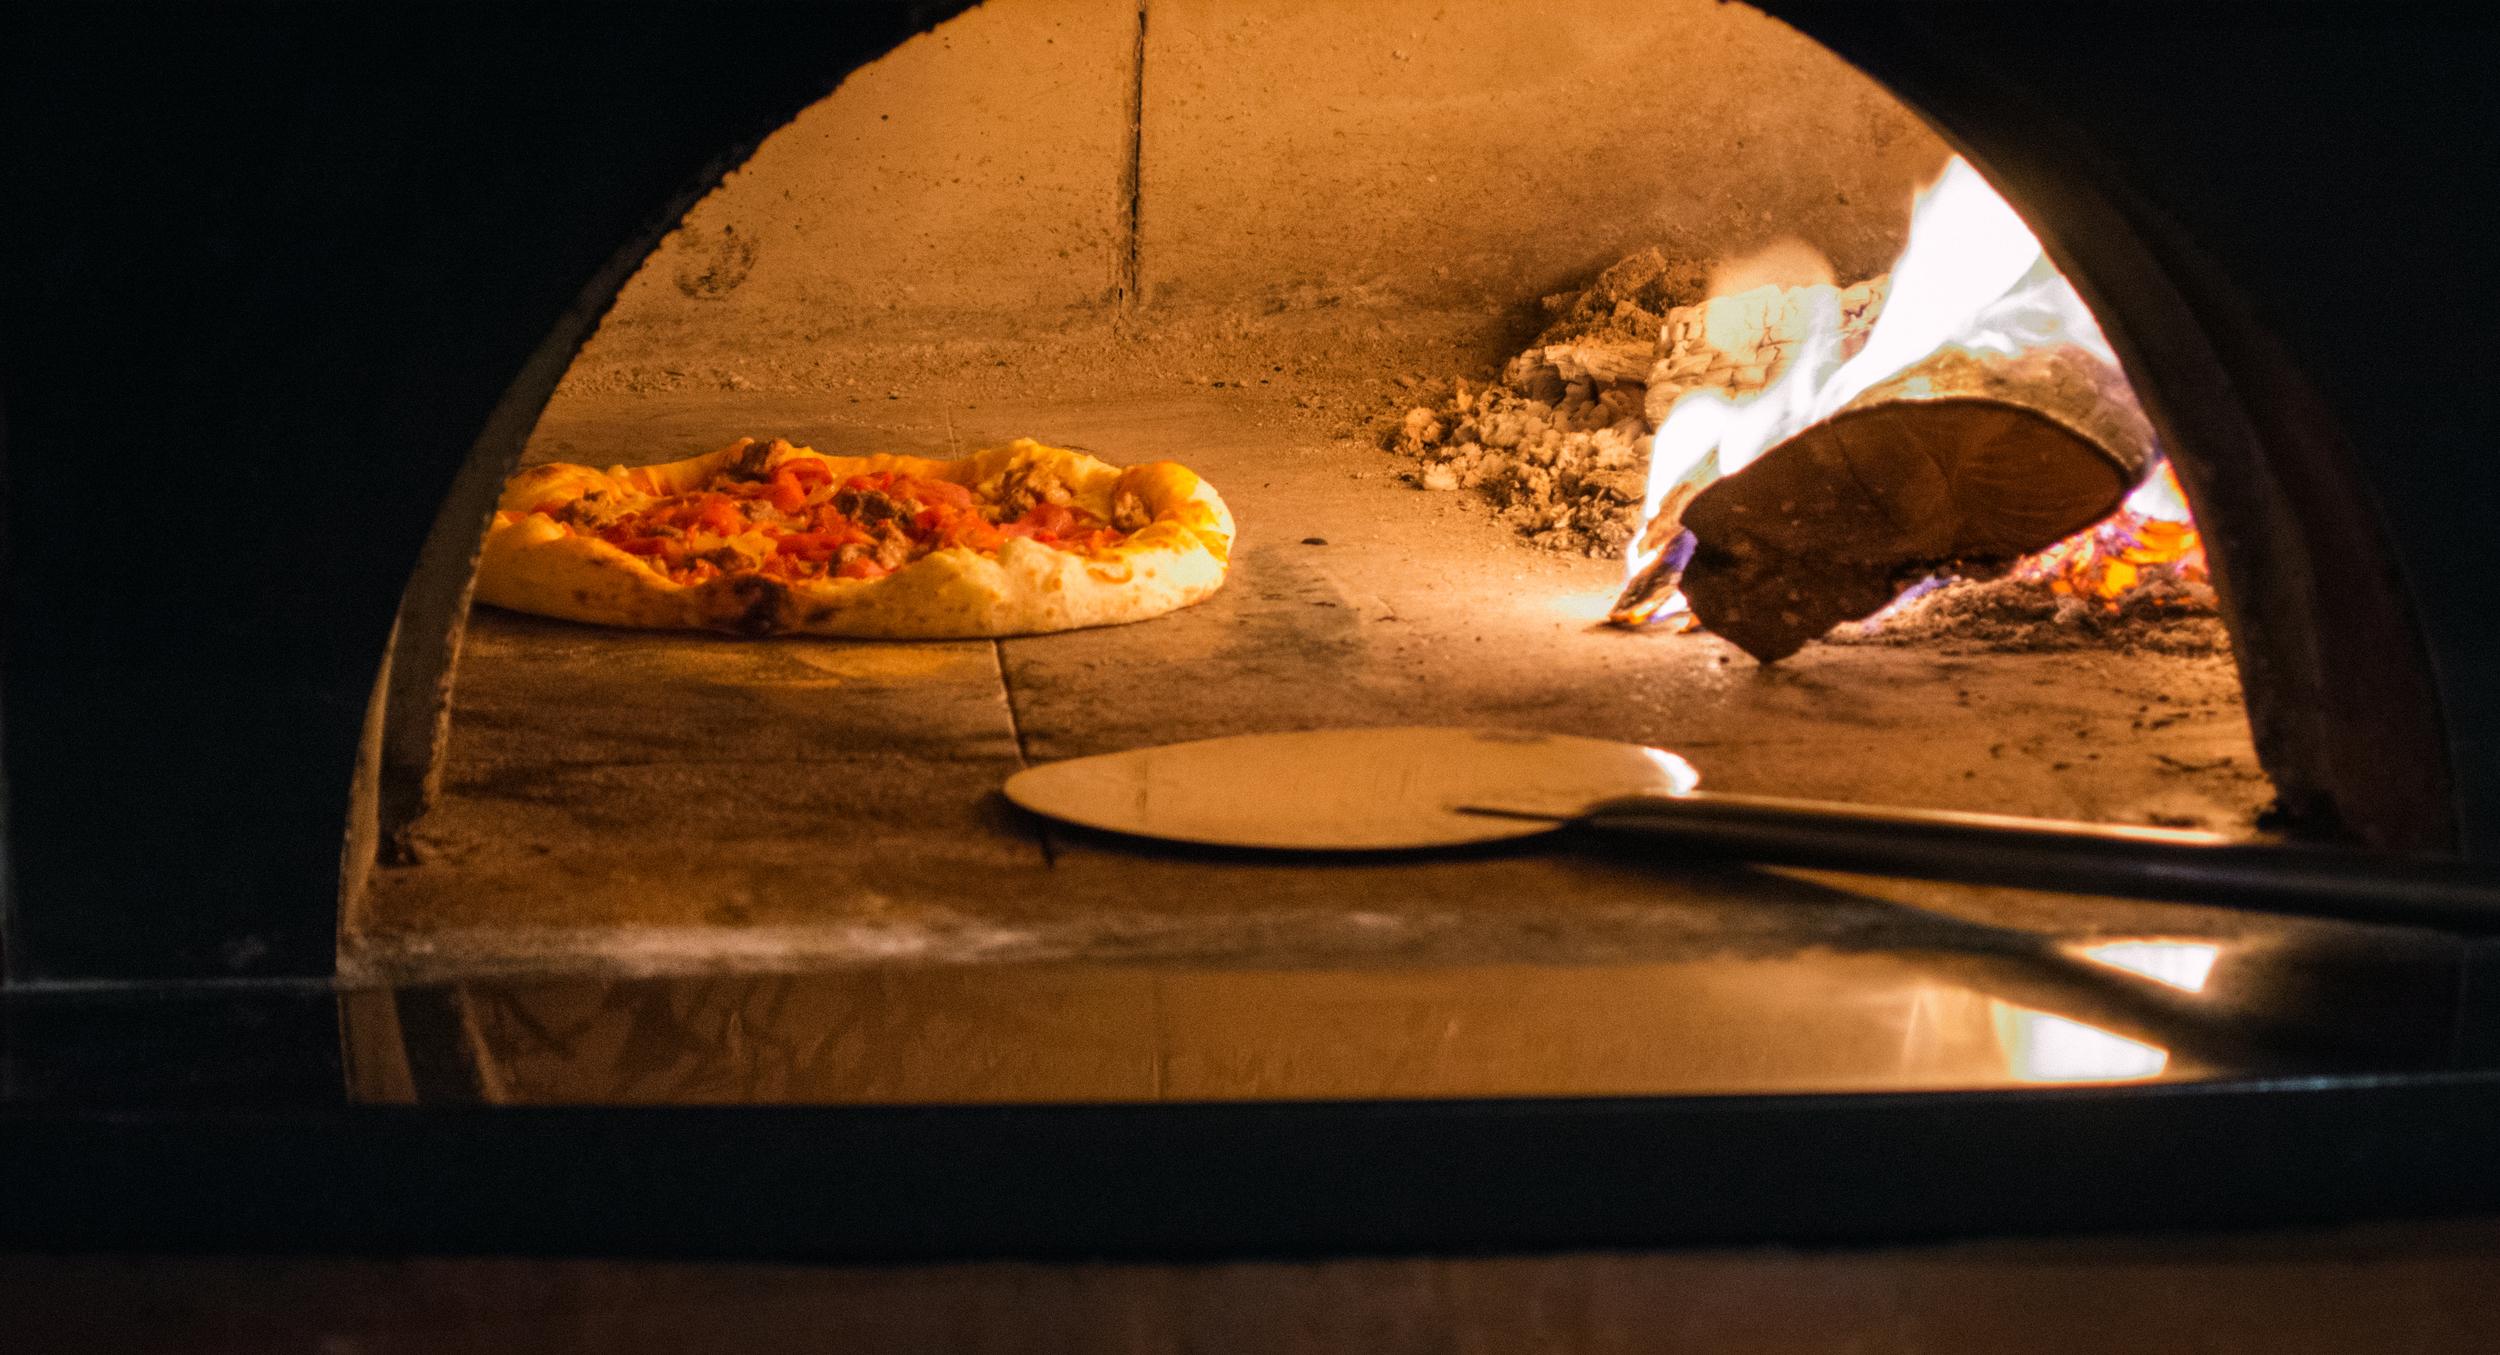 Artigiani_Food-2.jpg